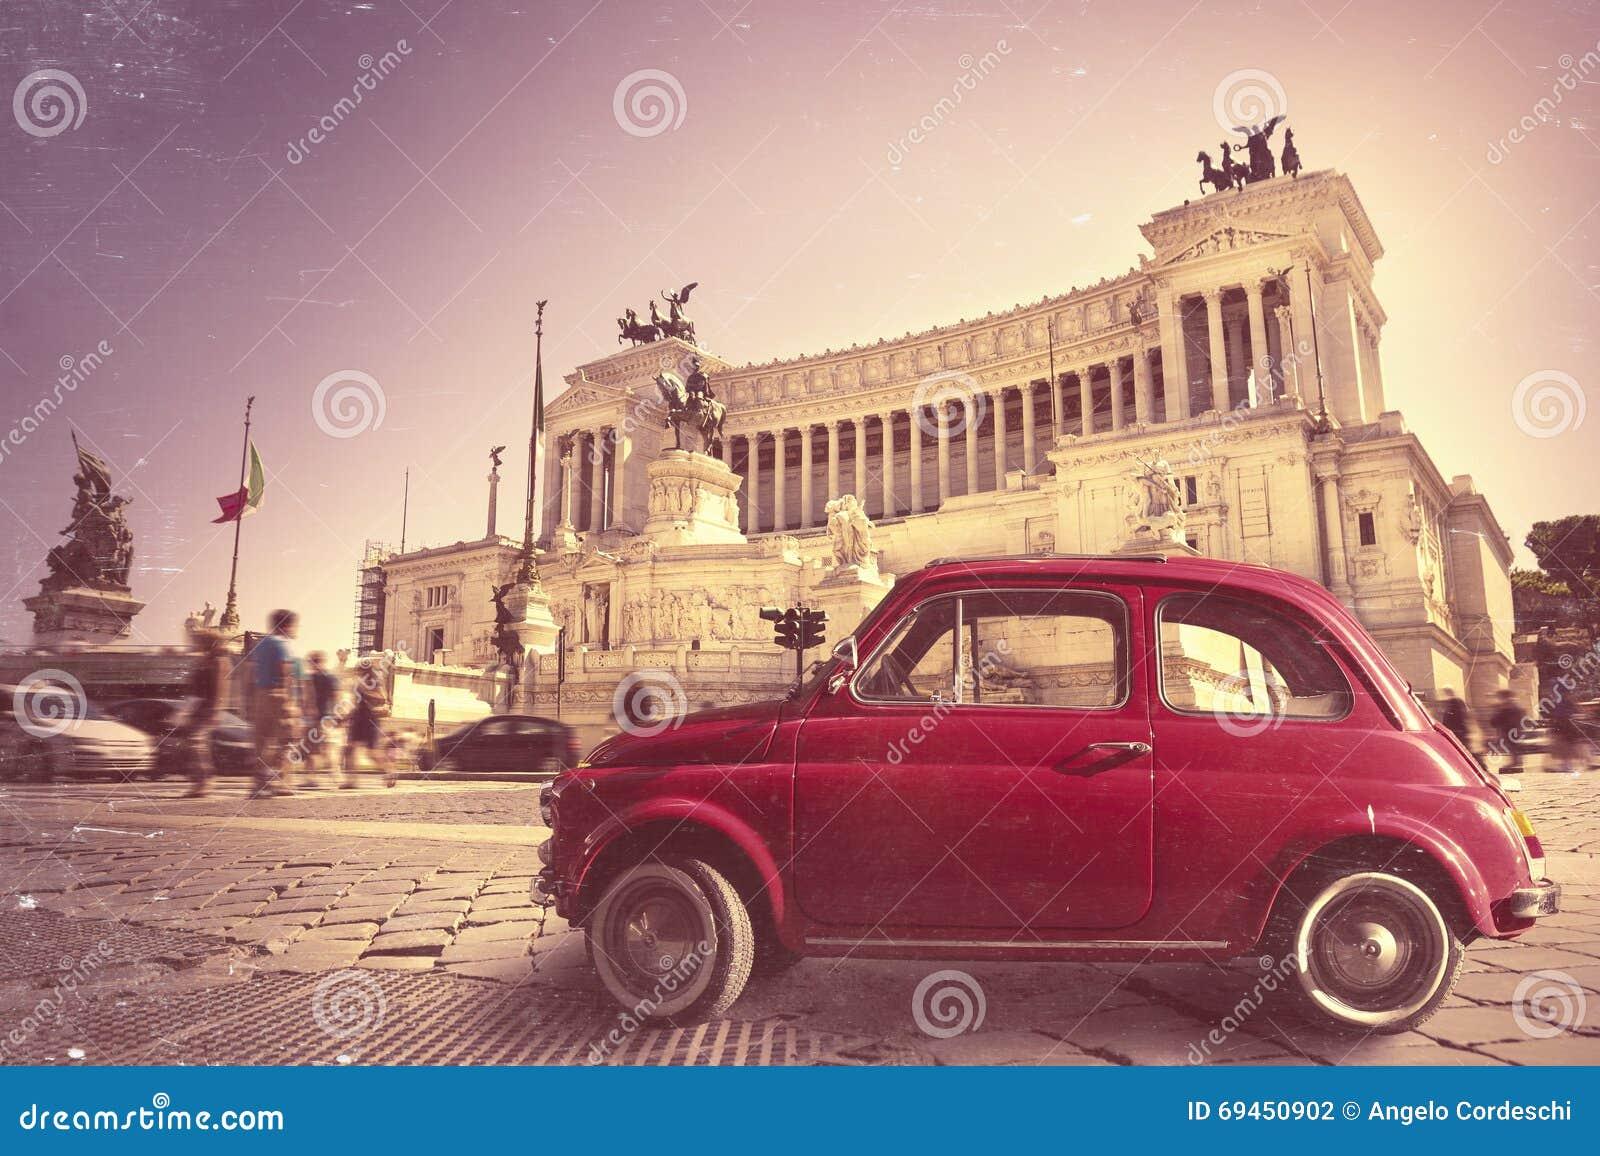 r tro vieille voiture rouge de vintage italien monument. Black Bedroom Furniture Sets. Home Design Ideas